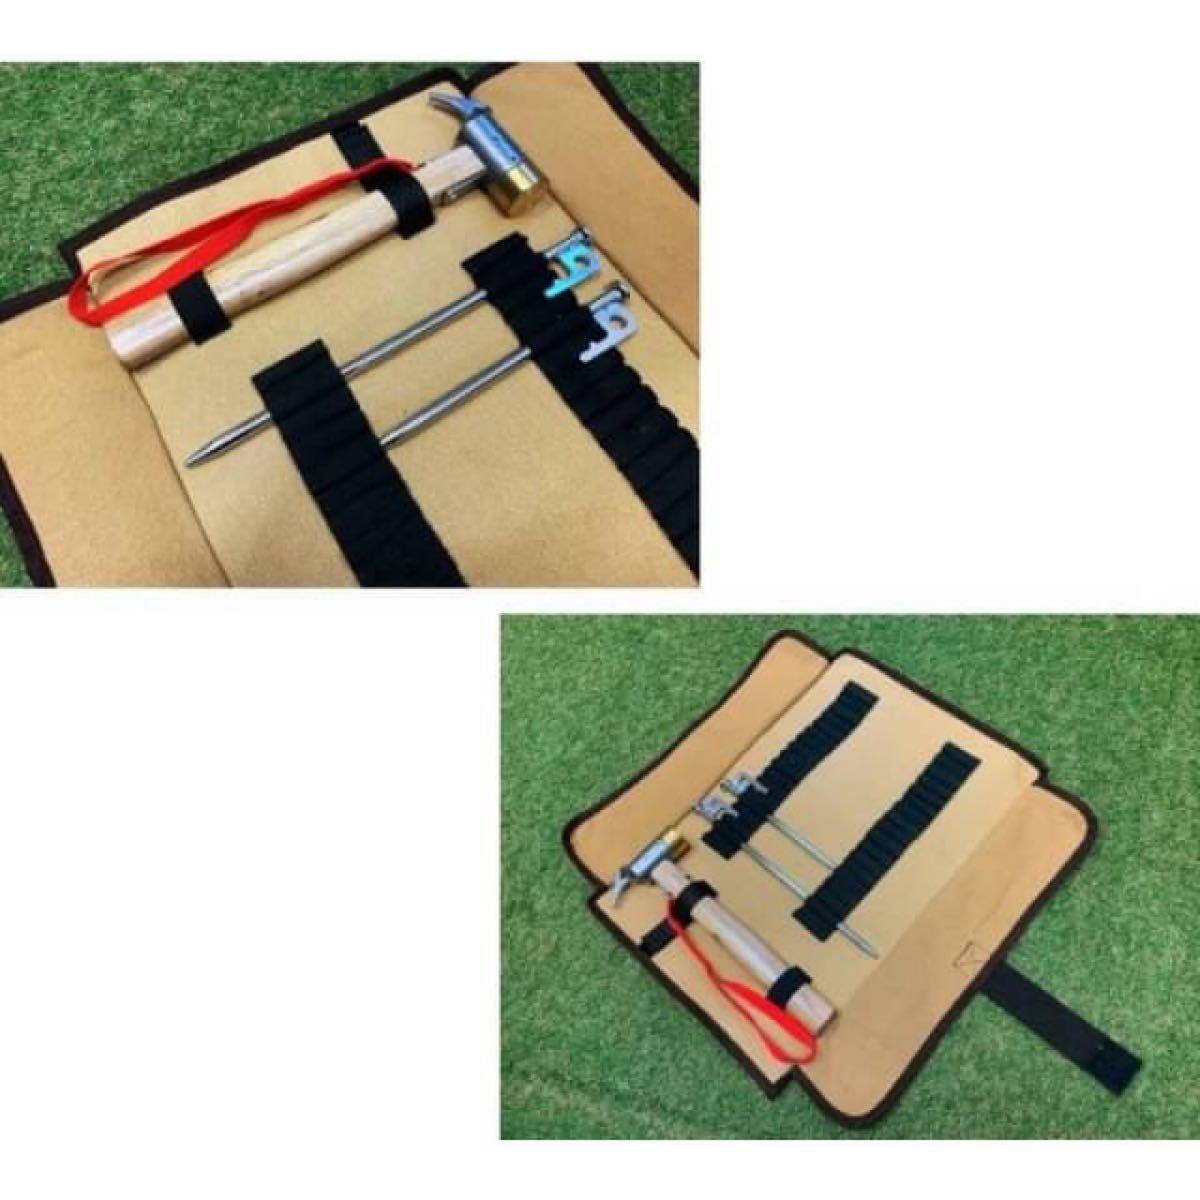 ペグケース ハンマーケース ペグ18本とハンマー1本収納 キャンバス生地 収納袋